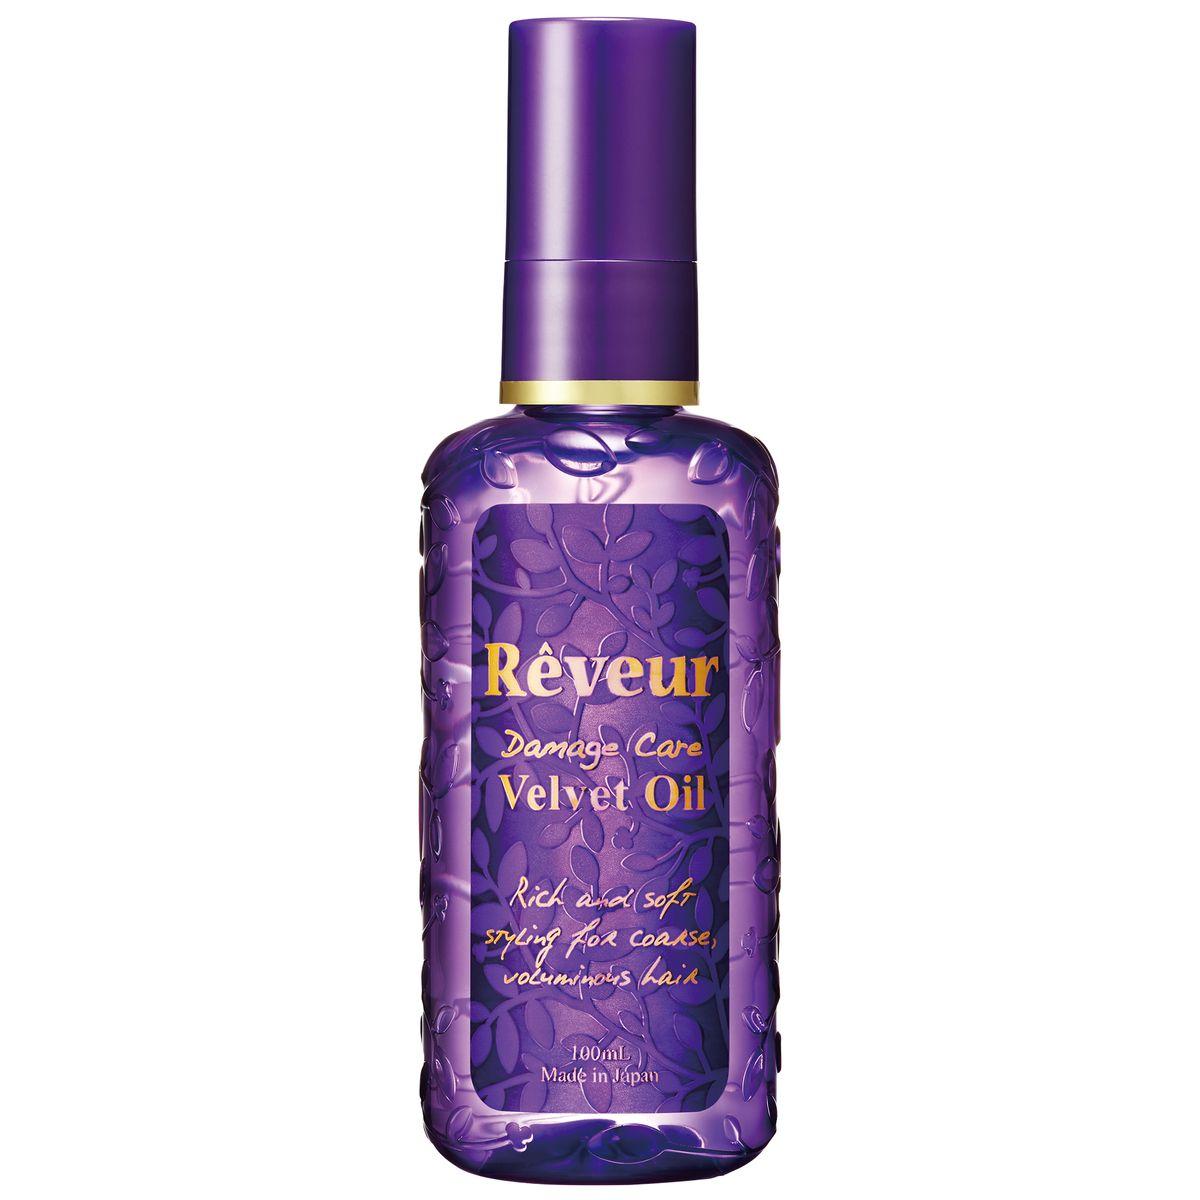 Reveur Масло для волос Velvet Oil Увлажнение и блеск, 100 мл70486В состав Reveur Velvet Oil входят натуральные природные масла, которые питают волос изнутри, восстанавливая структуру и возвращая ему блеск, сияние и упругость. Специально подобранные экстракты растений восстанавливают кутикулу, не утяжеляя волосы. Легкое нанесение и распределение, без склеивания. Масло Reveur Velvet Oil восстанавливает волосы, увлажняет и дает ощущение мягкости. Рекомендуется: Для сухих волос Для жестких и объемных волос Для пушащихся волос Нежный и свежий аромат цветов. Способ применения: на влажные волосы, слегка просушенные полотенцем, нанести необходимое количество масла (1-2 нажатия помпы) и распределить по длине пальцами. Остатки средства втереть в кончики волос. В случае нанесения на сухие волосы, следует сократить количество масла. Состав: циклопентасилоксан, циклометикон, диметикон, гидрогенизированный полиизобутилен, стеарамид этил диэтониум сакцинол гидролизированный белок гороха,...